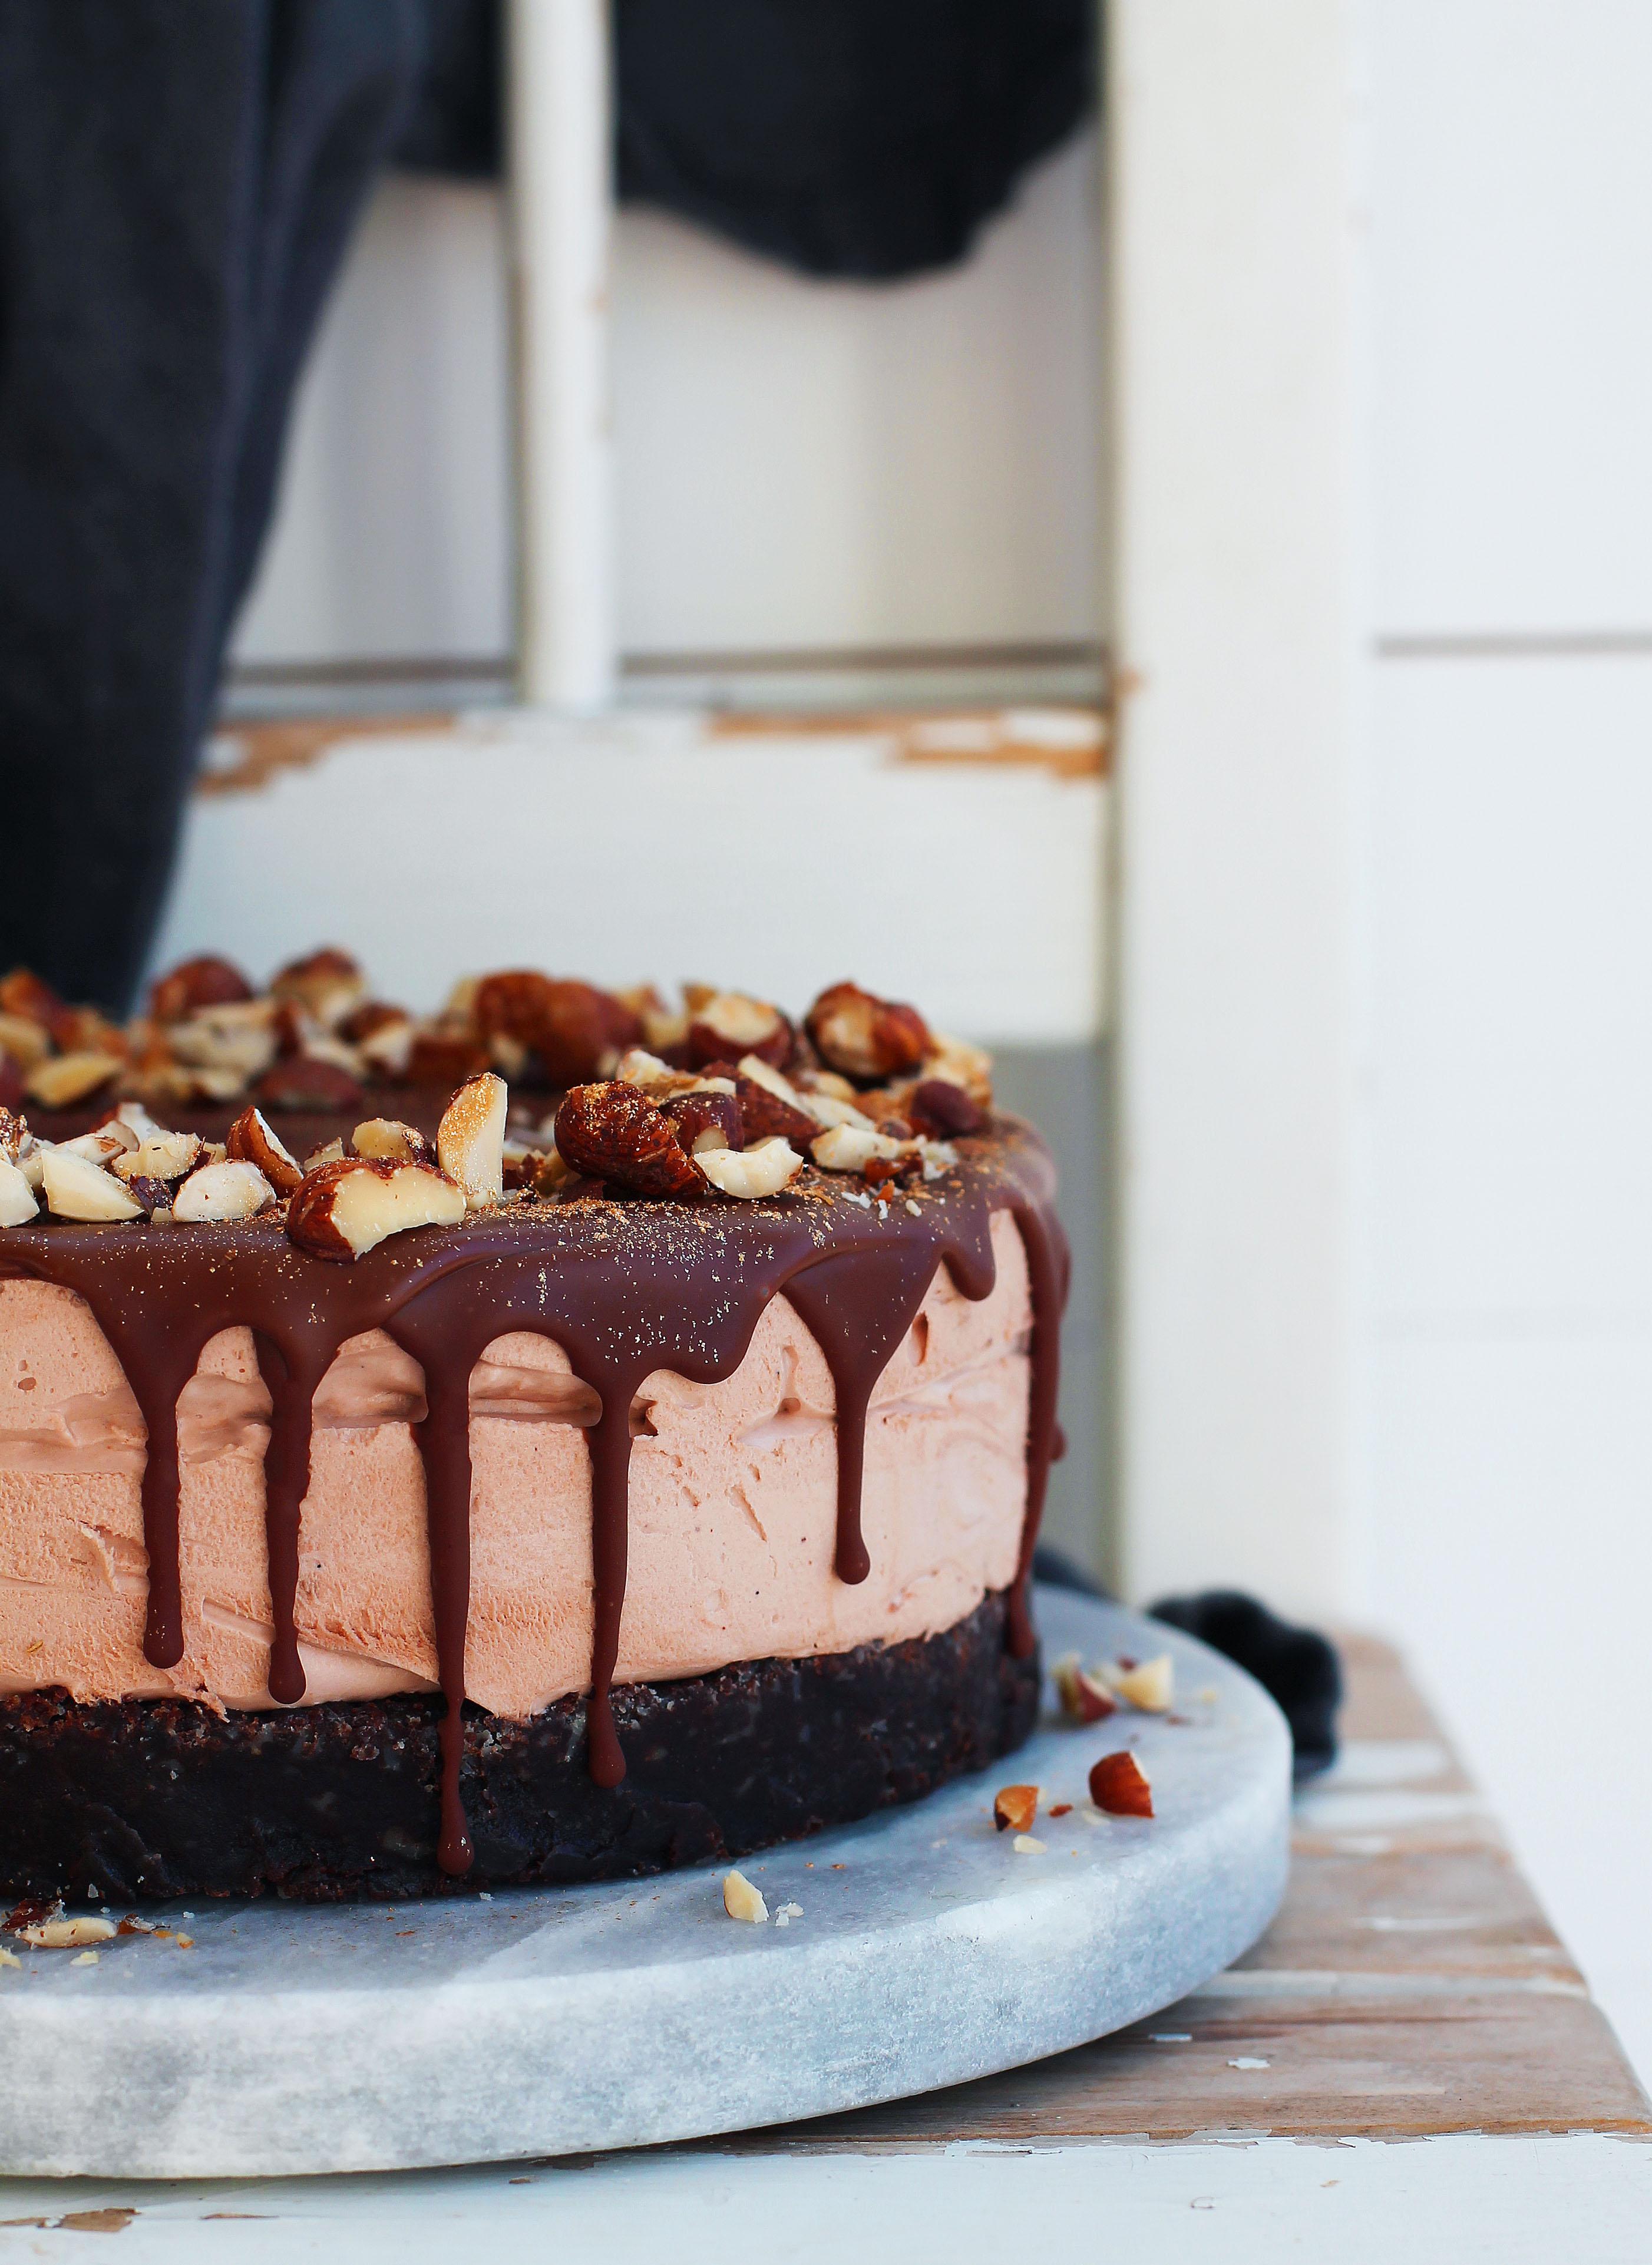 vegansk chokladcheesecake recept